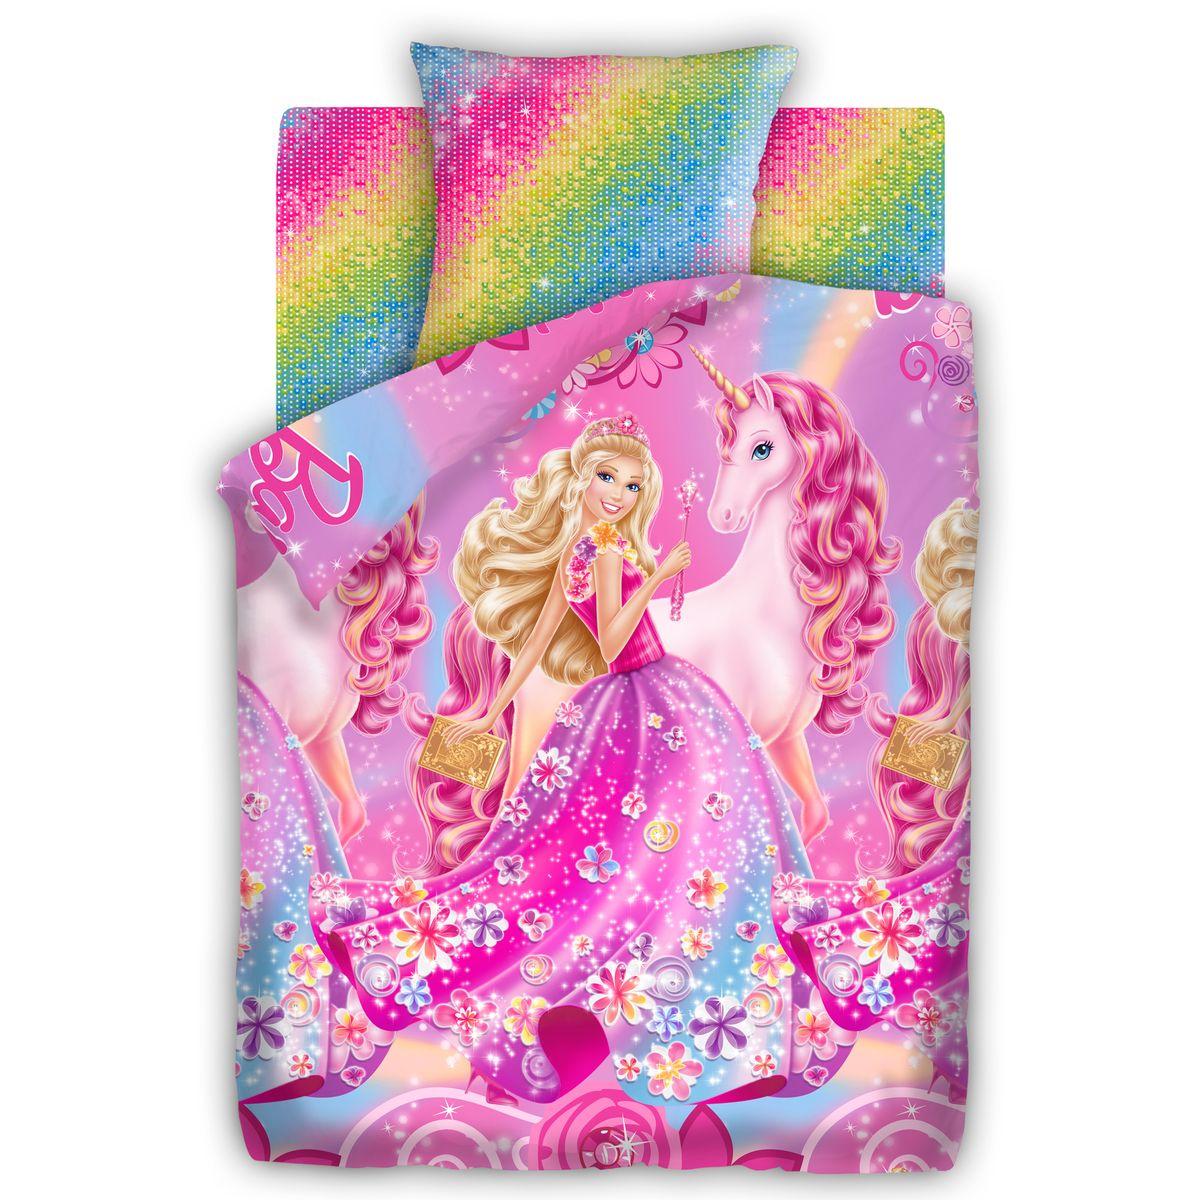 Barbie Комплект детского постельного белья Принцесса Алекса, 1,5 бязь, рис. 8715+8716106-026Комплект детского постельного белья Barbie Принцесса Алекса: наволочка 70*70, пододеяльник 215*145, простыня 220*150.